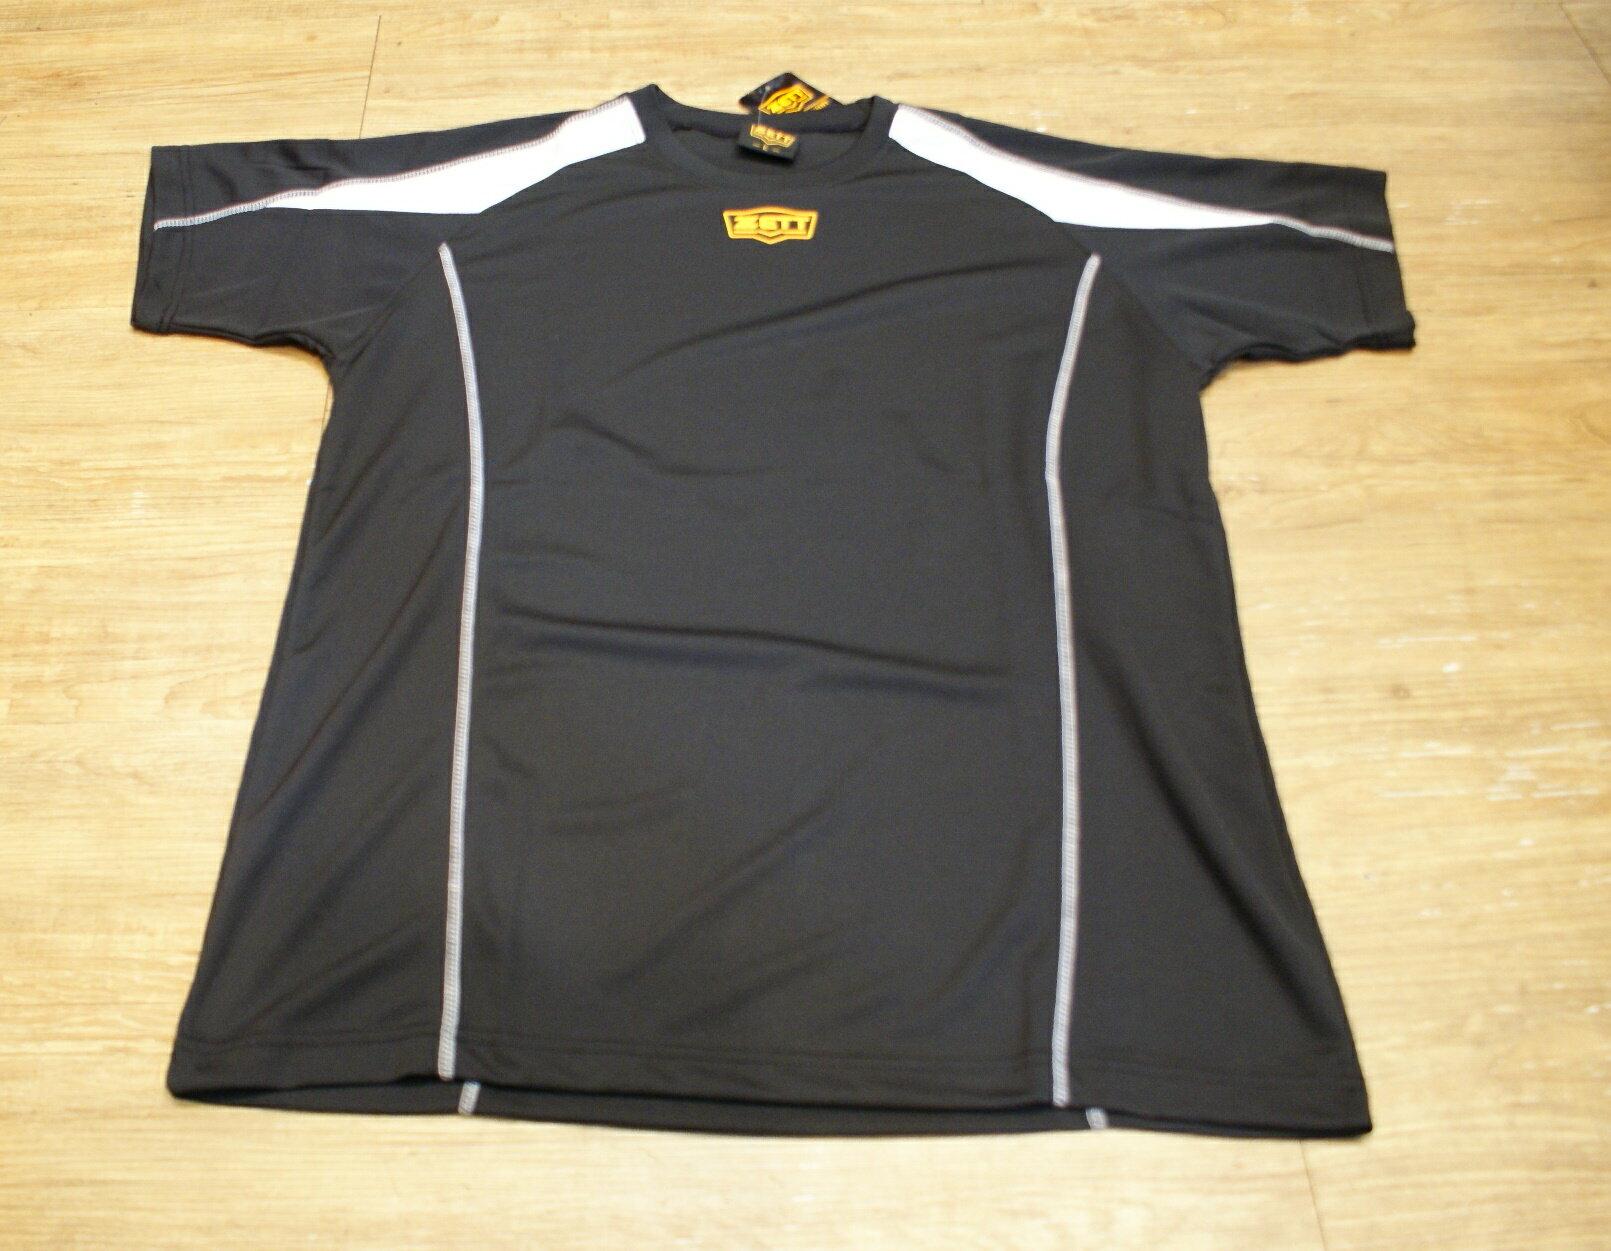 棒球世界全新ZETT金標短袖練習衣特價